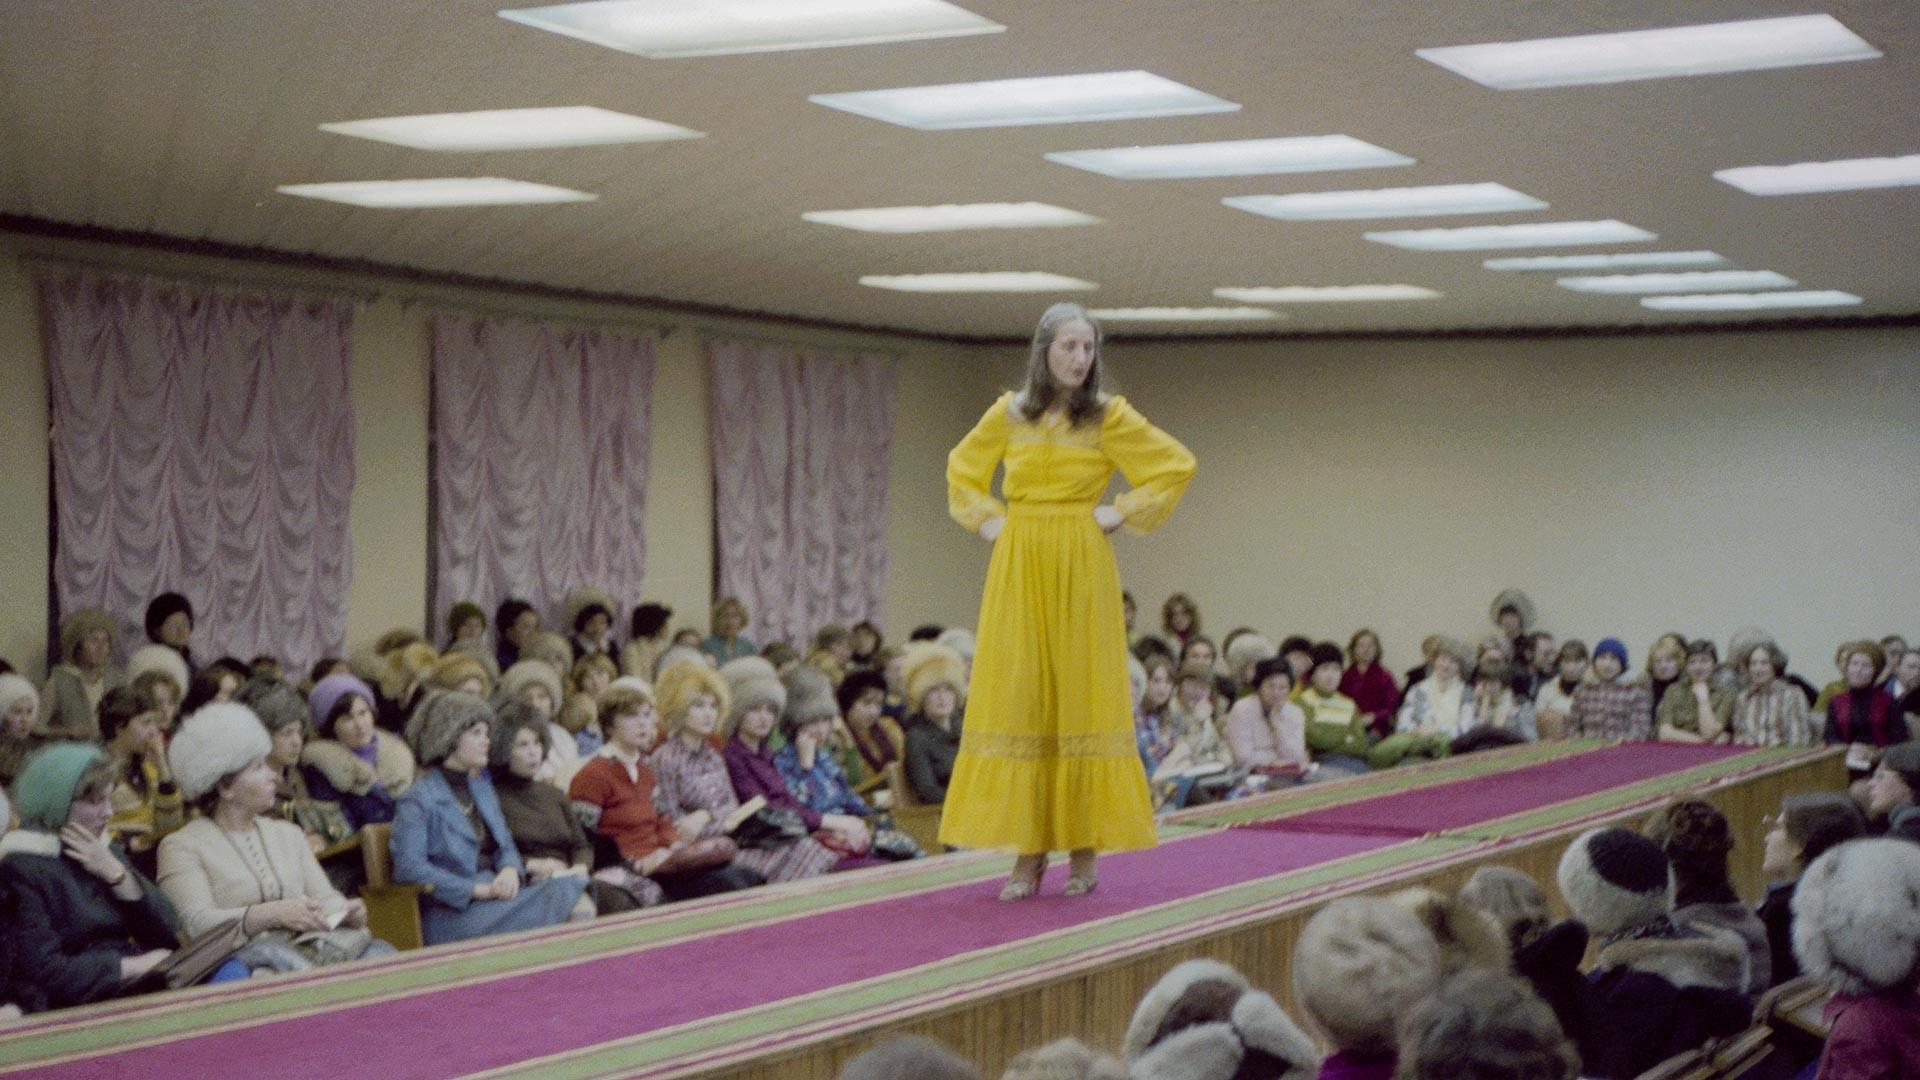 チュメニ・ファッション・ハウスのホールで行われた新コレクション「春80」のショー、1980年